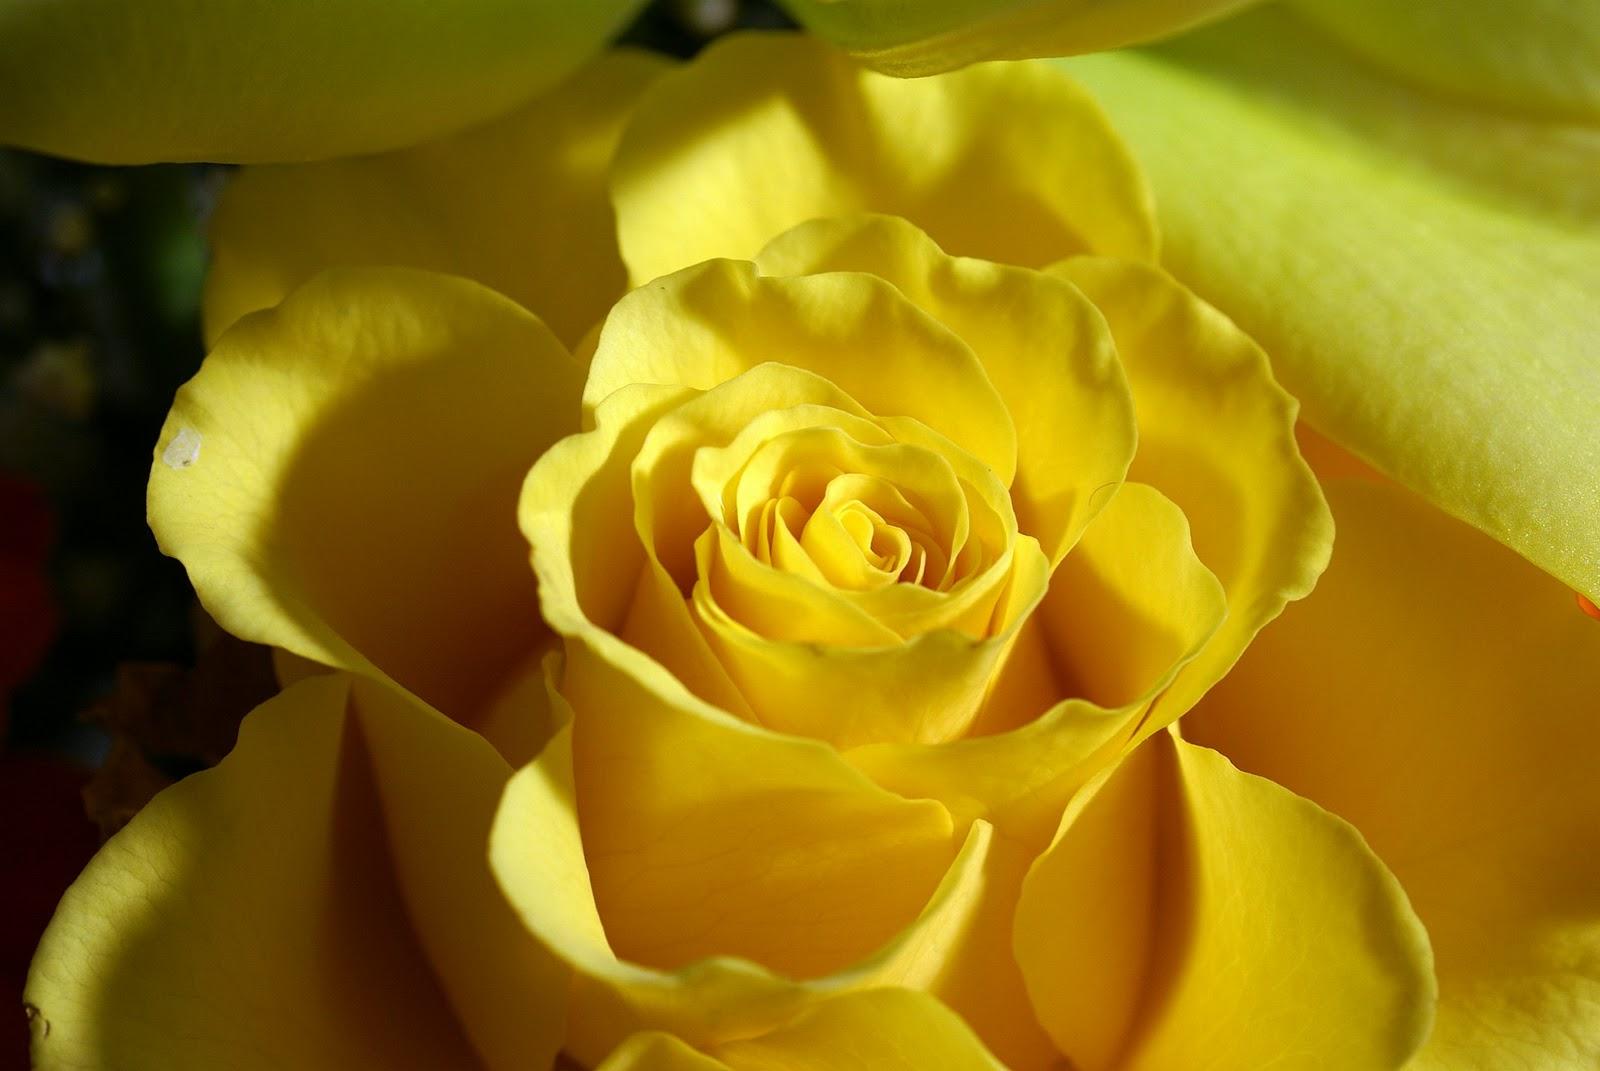 بالصور صور اجمل ورد , صور وقت تزهير الورد رائعة 3224 10